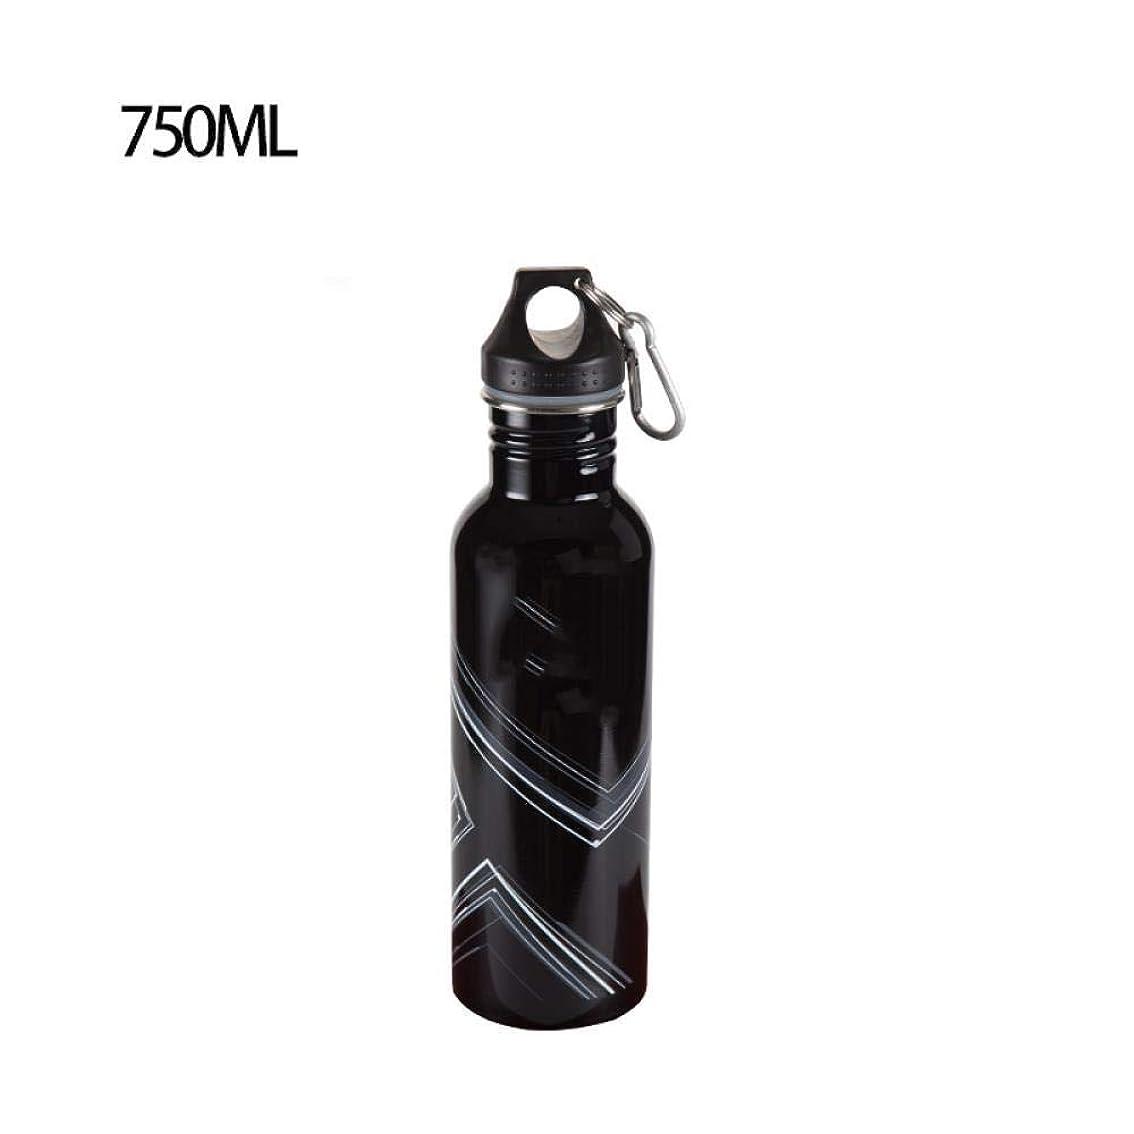 蒸し器まどろみのある外科医COLORFUH スポーツ用品スポーツボトルステンレスフラスコ広口ボトル漏れ防止食堂750mL 1000mL 1800mL 1.8L 750ml